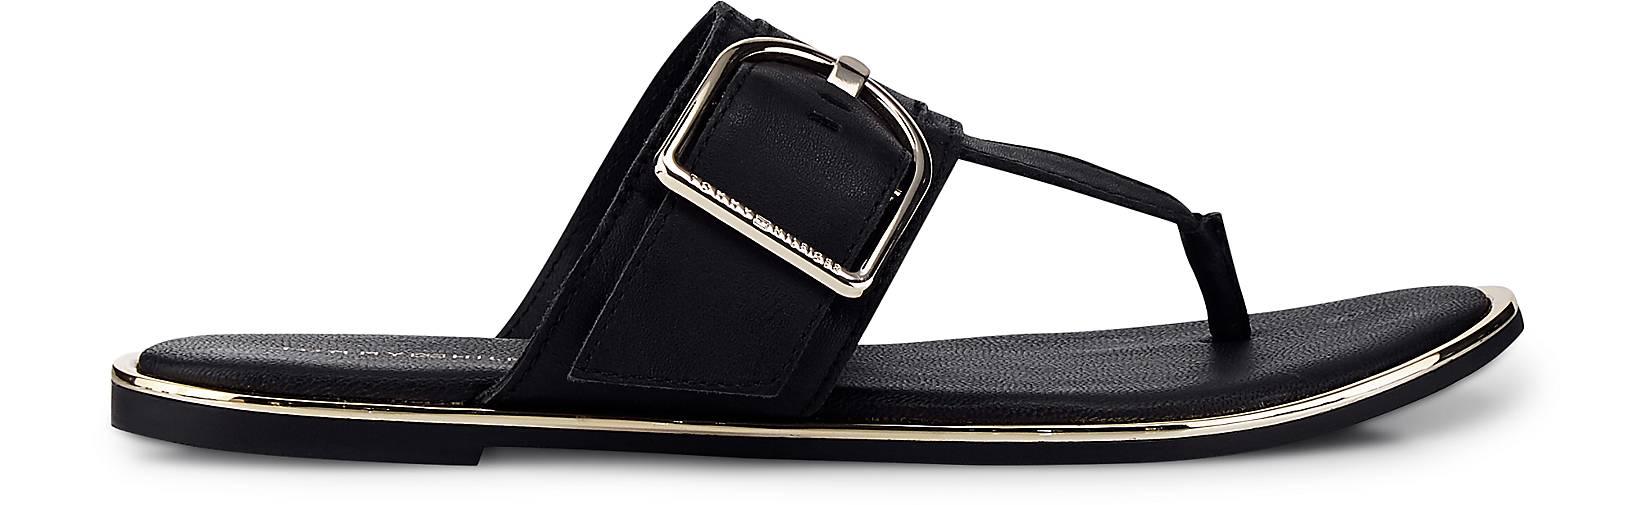 Tommy Hilfiger - Zehentrenner in schwarz kaufen - Hilfiger 47063201 GÖRTZ Gute Qualität beliebte Schuhe 798208